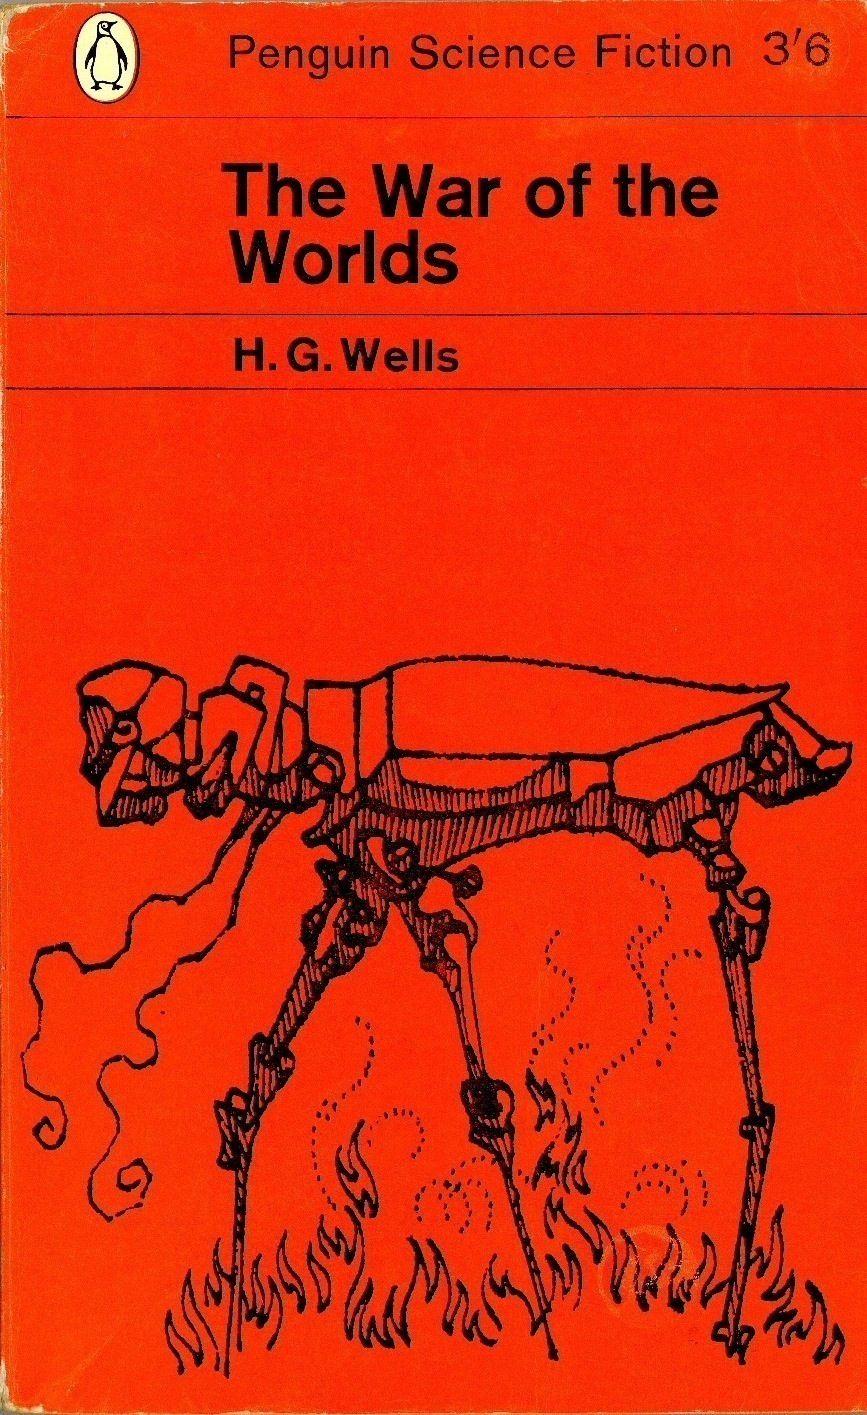 Cover by Virgil Burnett, 1962.